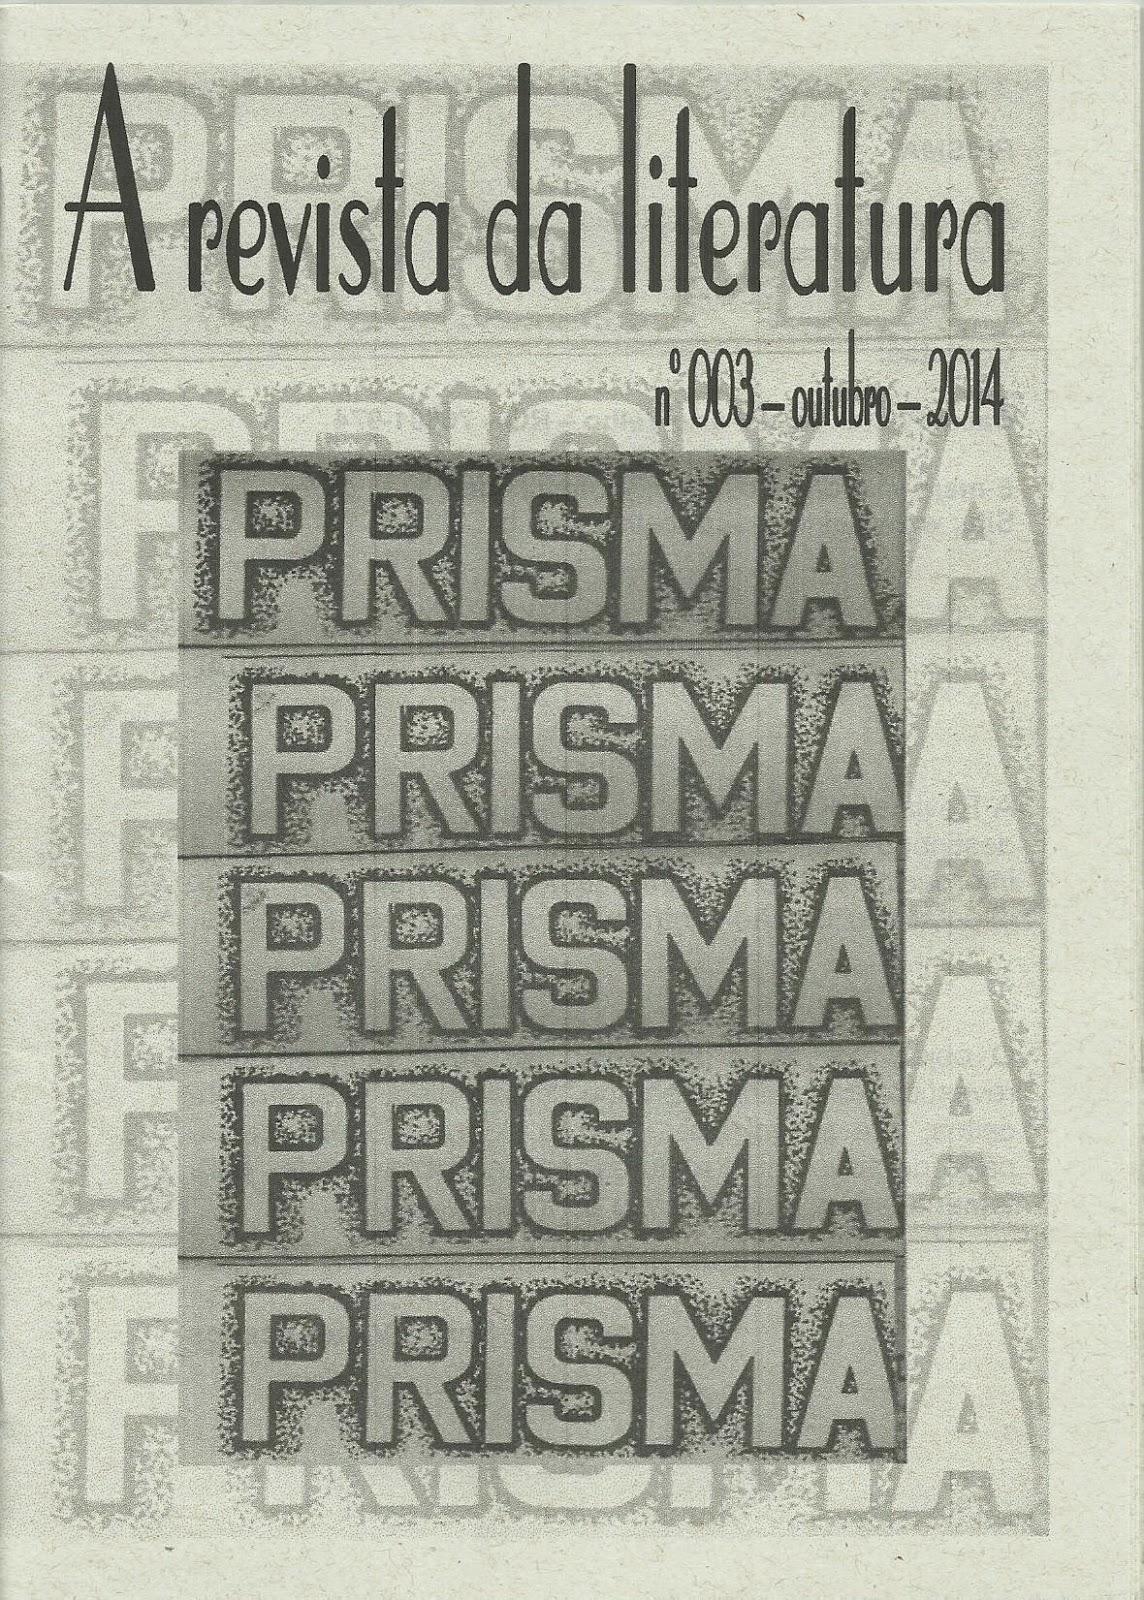 1ª Antologia Poética Prisma Cultural - Editor: Selmo Vasconcellos - RO